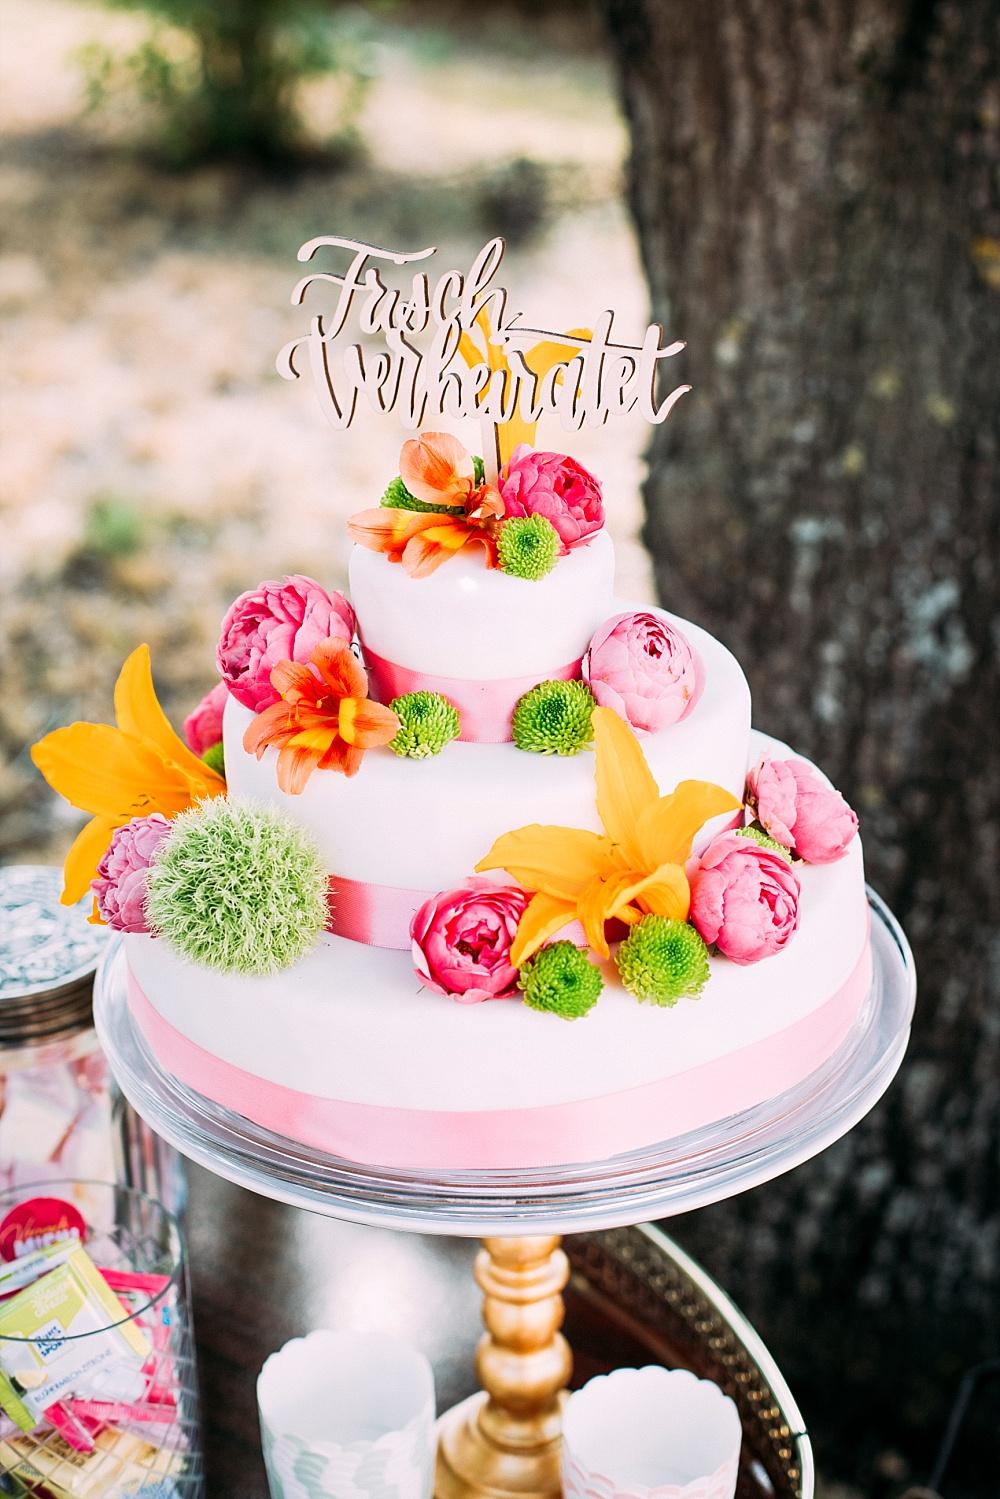 Cake Topper Just married deutsch, Cake Topper Hochzeit